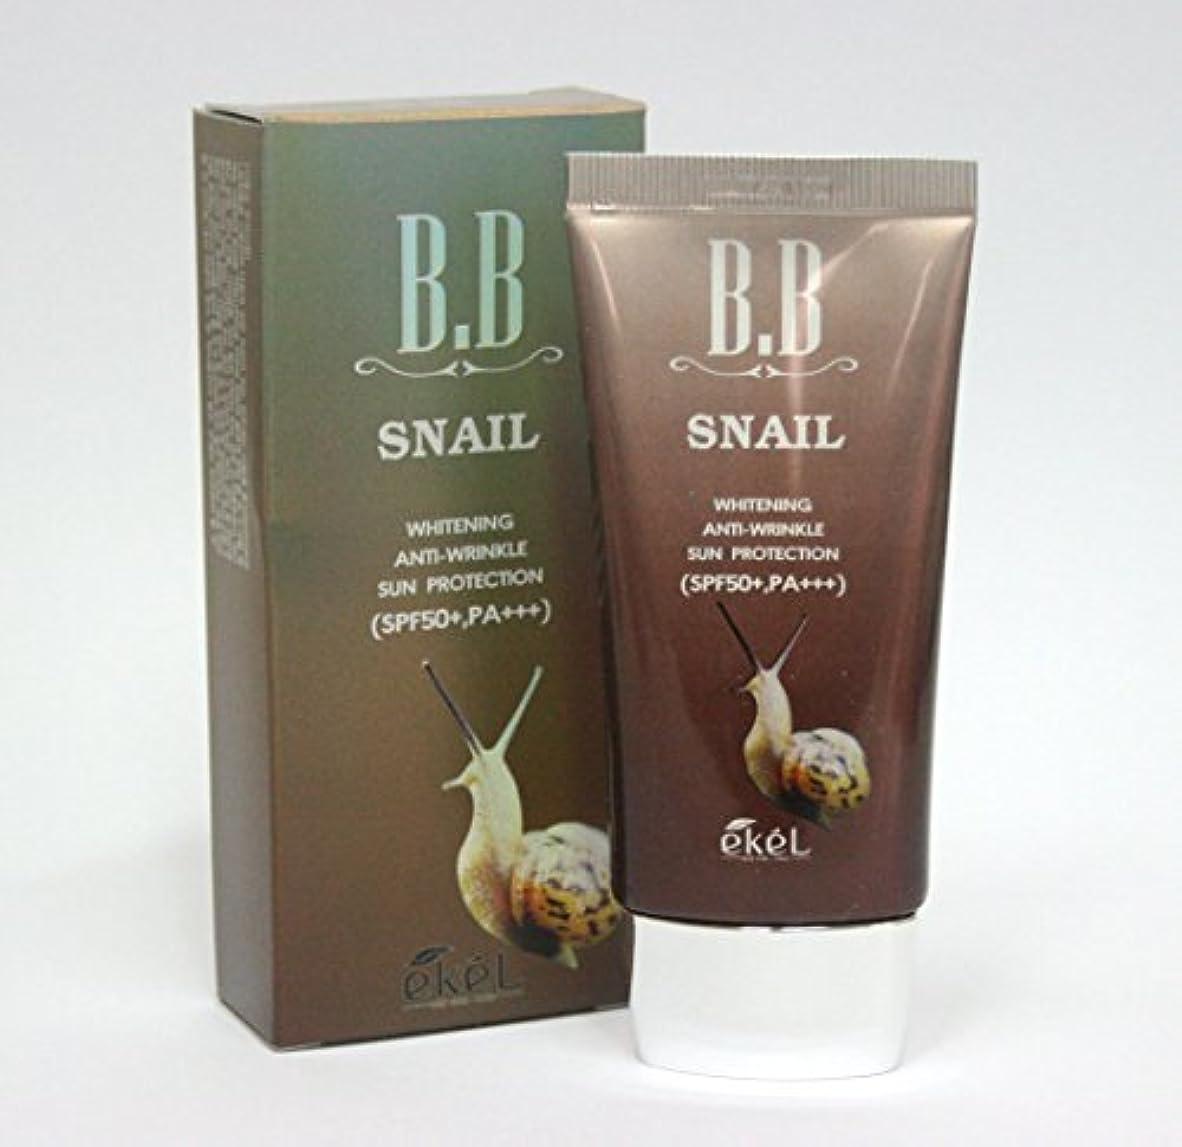 協力的販売員反逆者[Ekel] カタツムリBBクリーム50ml / ホワイトニング , SPF50 + PA +++ / 韓国化粧品 / Snail BB Cream 50ml / Whitening, SPF50+ PA+++ / Korea...